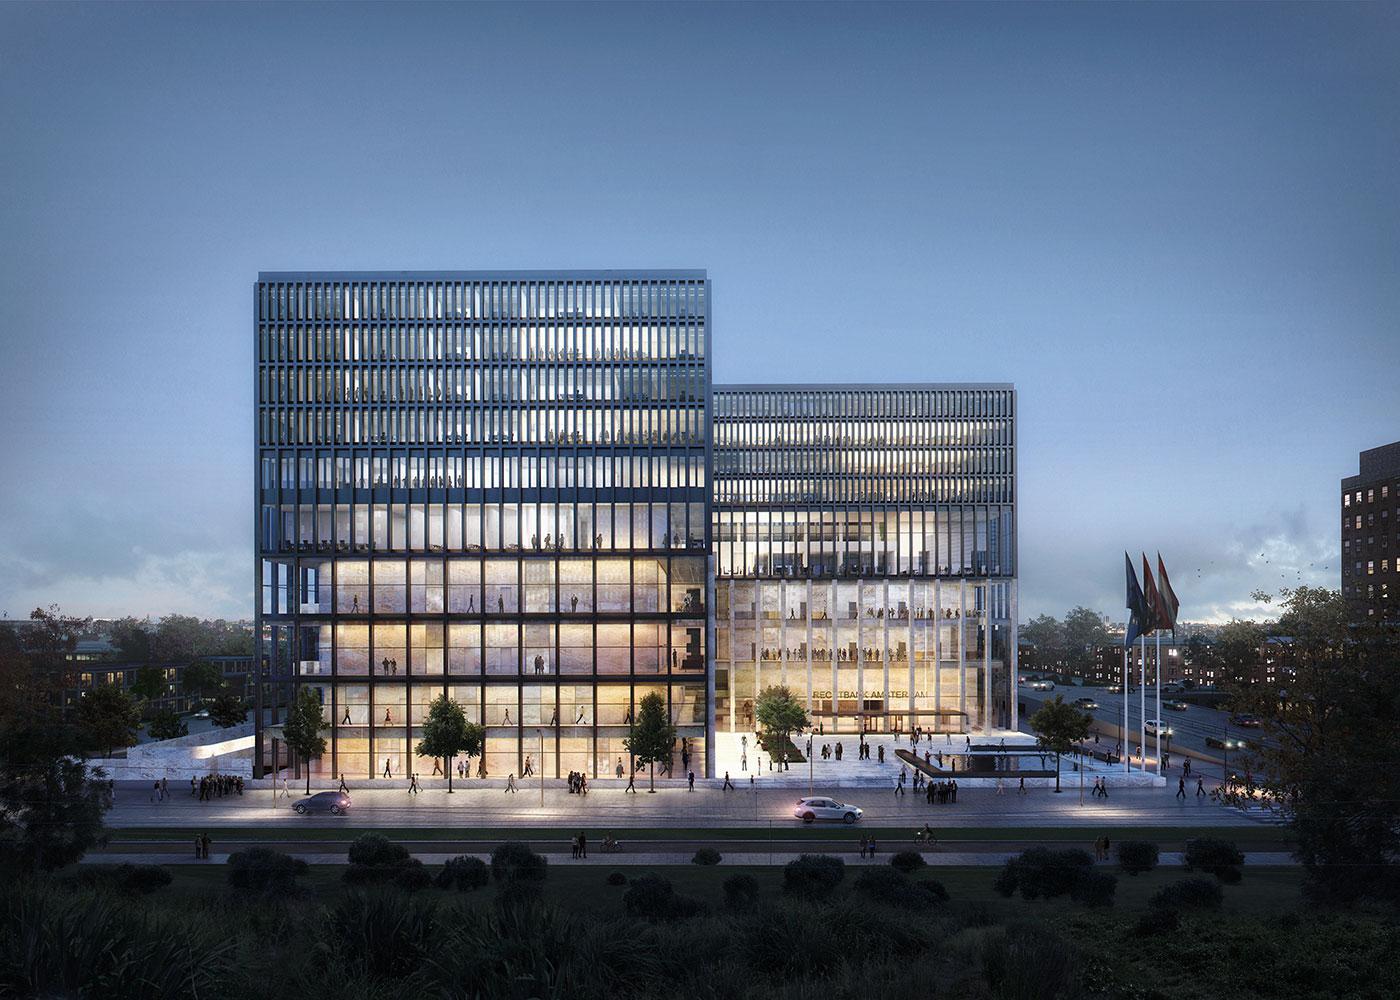 kaan architecten gana el concurso para el nuevo palacio de justicia de msterdam metalocus. Black Bedroom Furniture Sets. Home Design Ideas